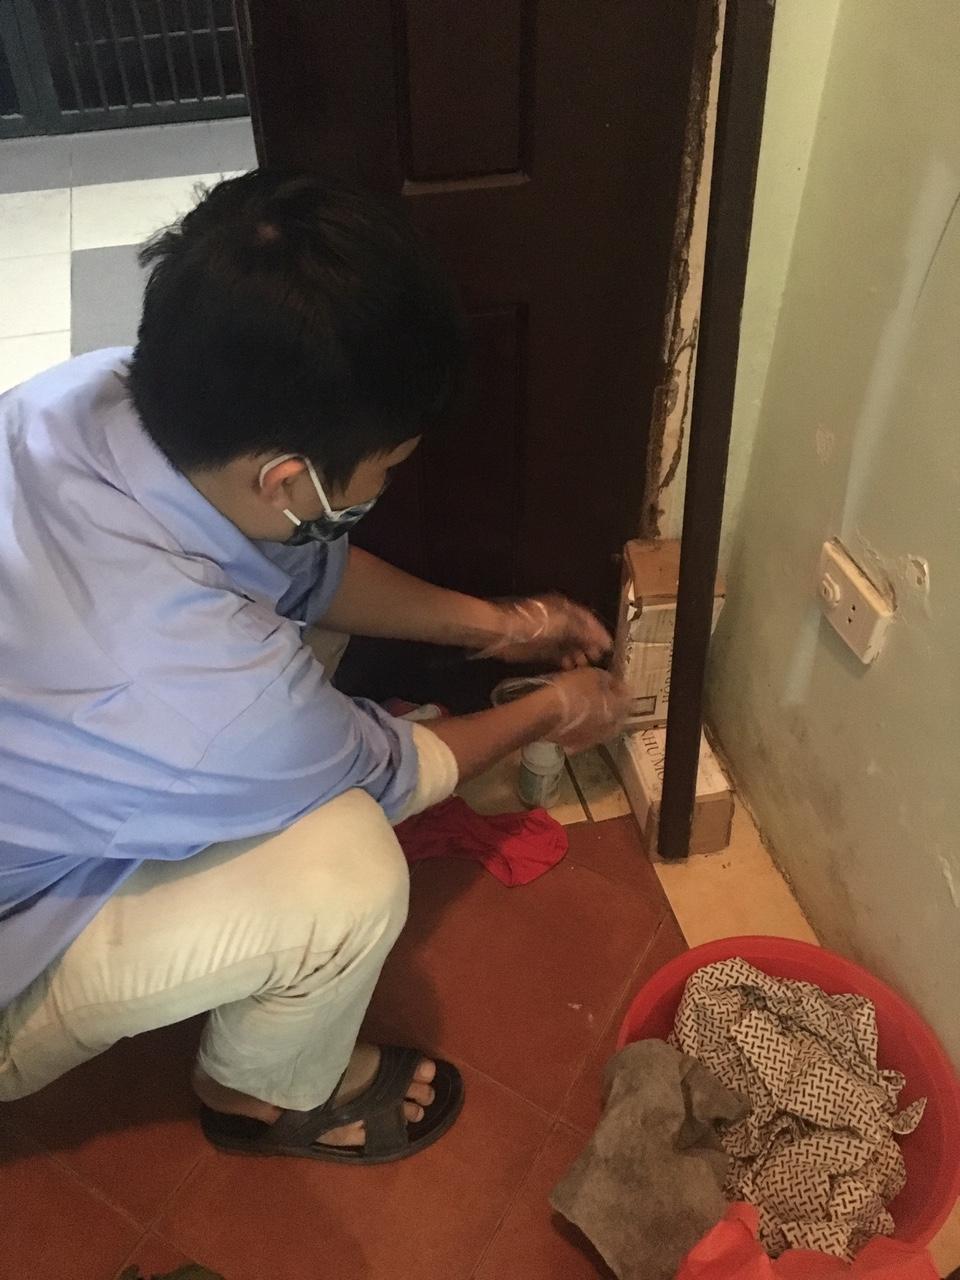 Công ty TNHH Kiểm soát côn trùng Việt Nam - Diệt trừ côn trùng tận gốc